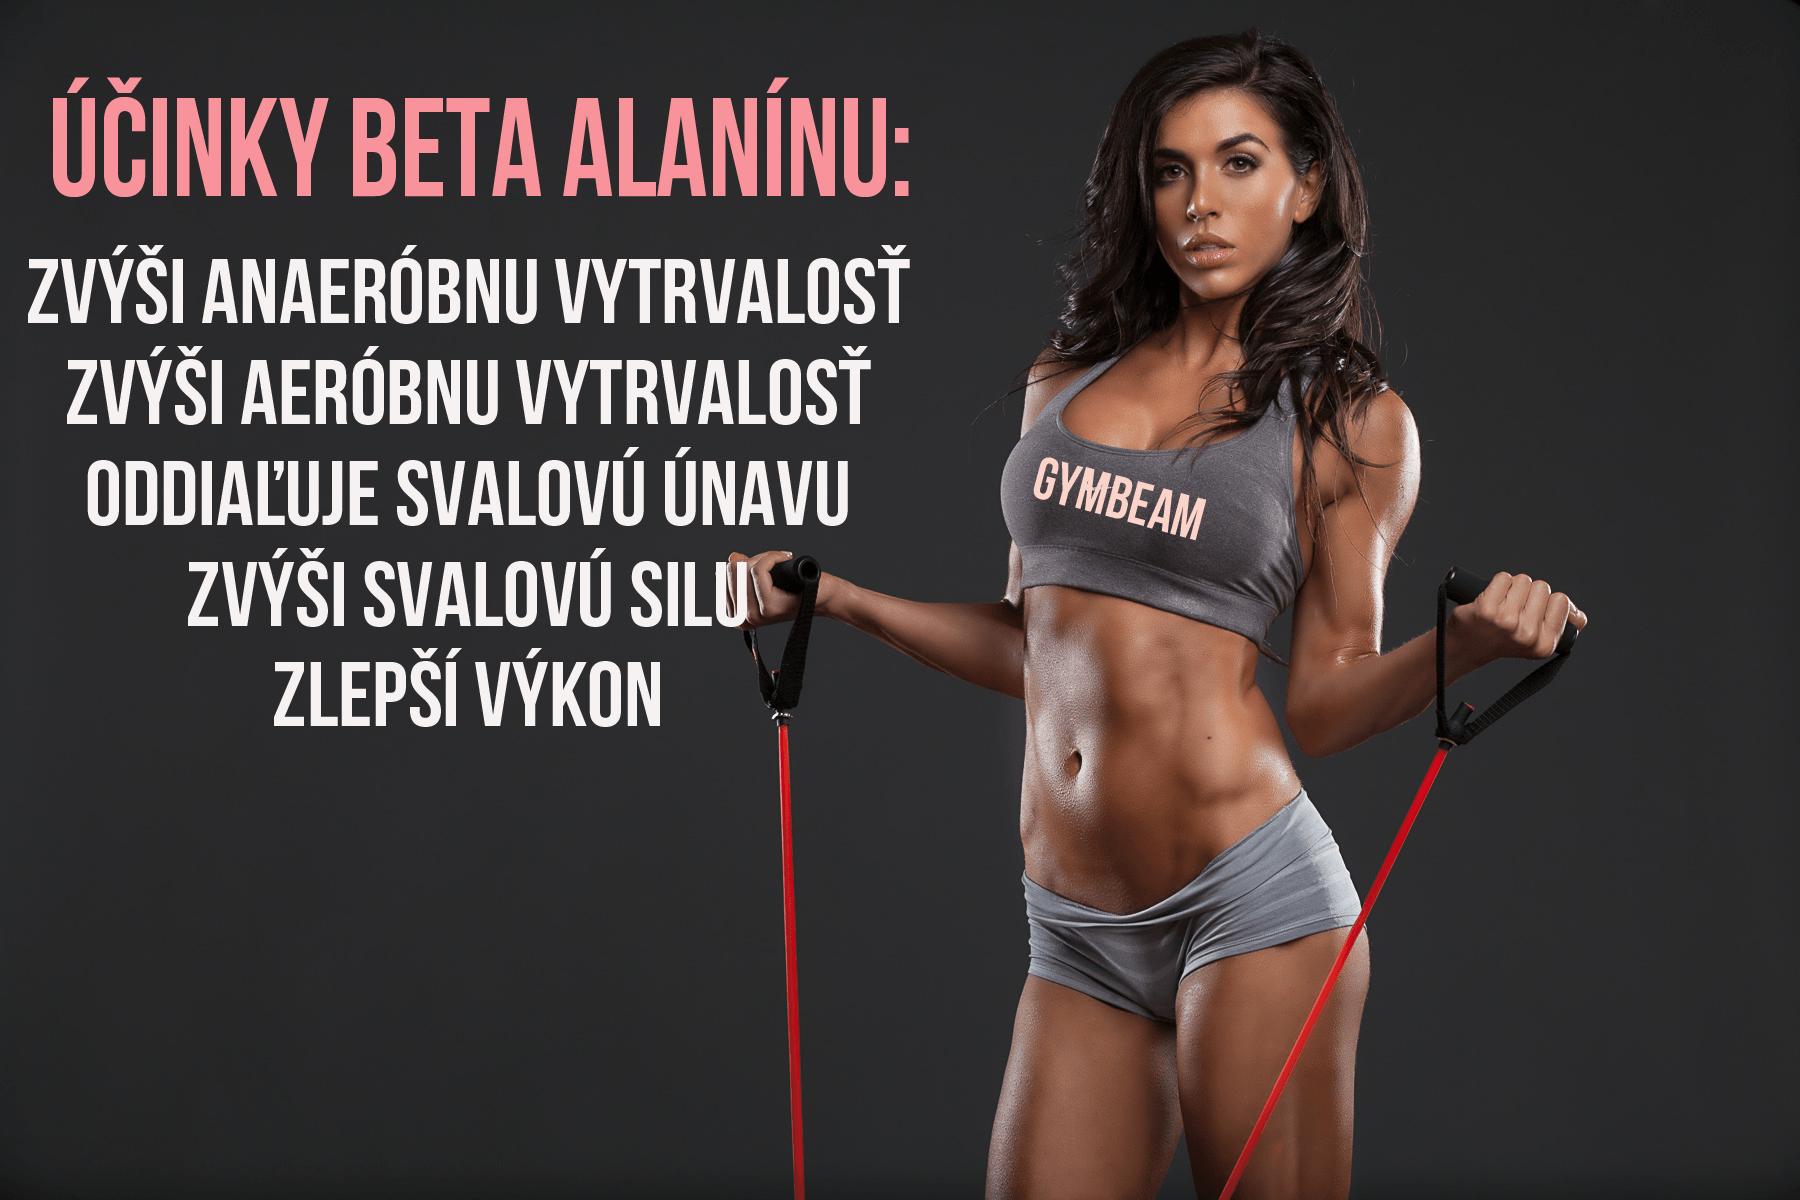 beta alanín účinky